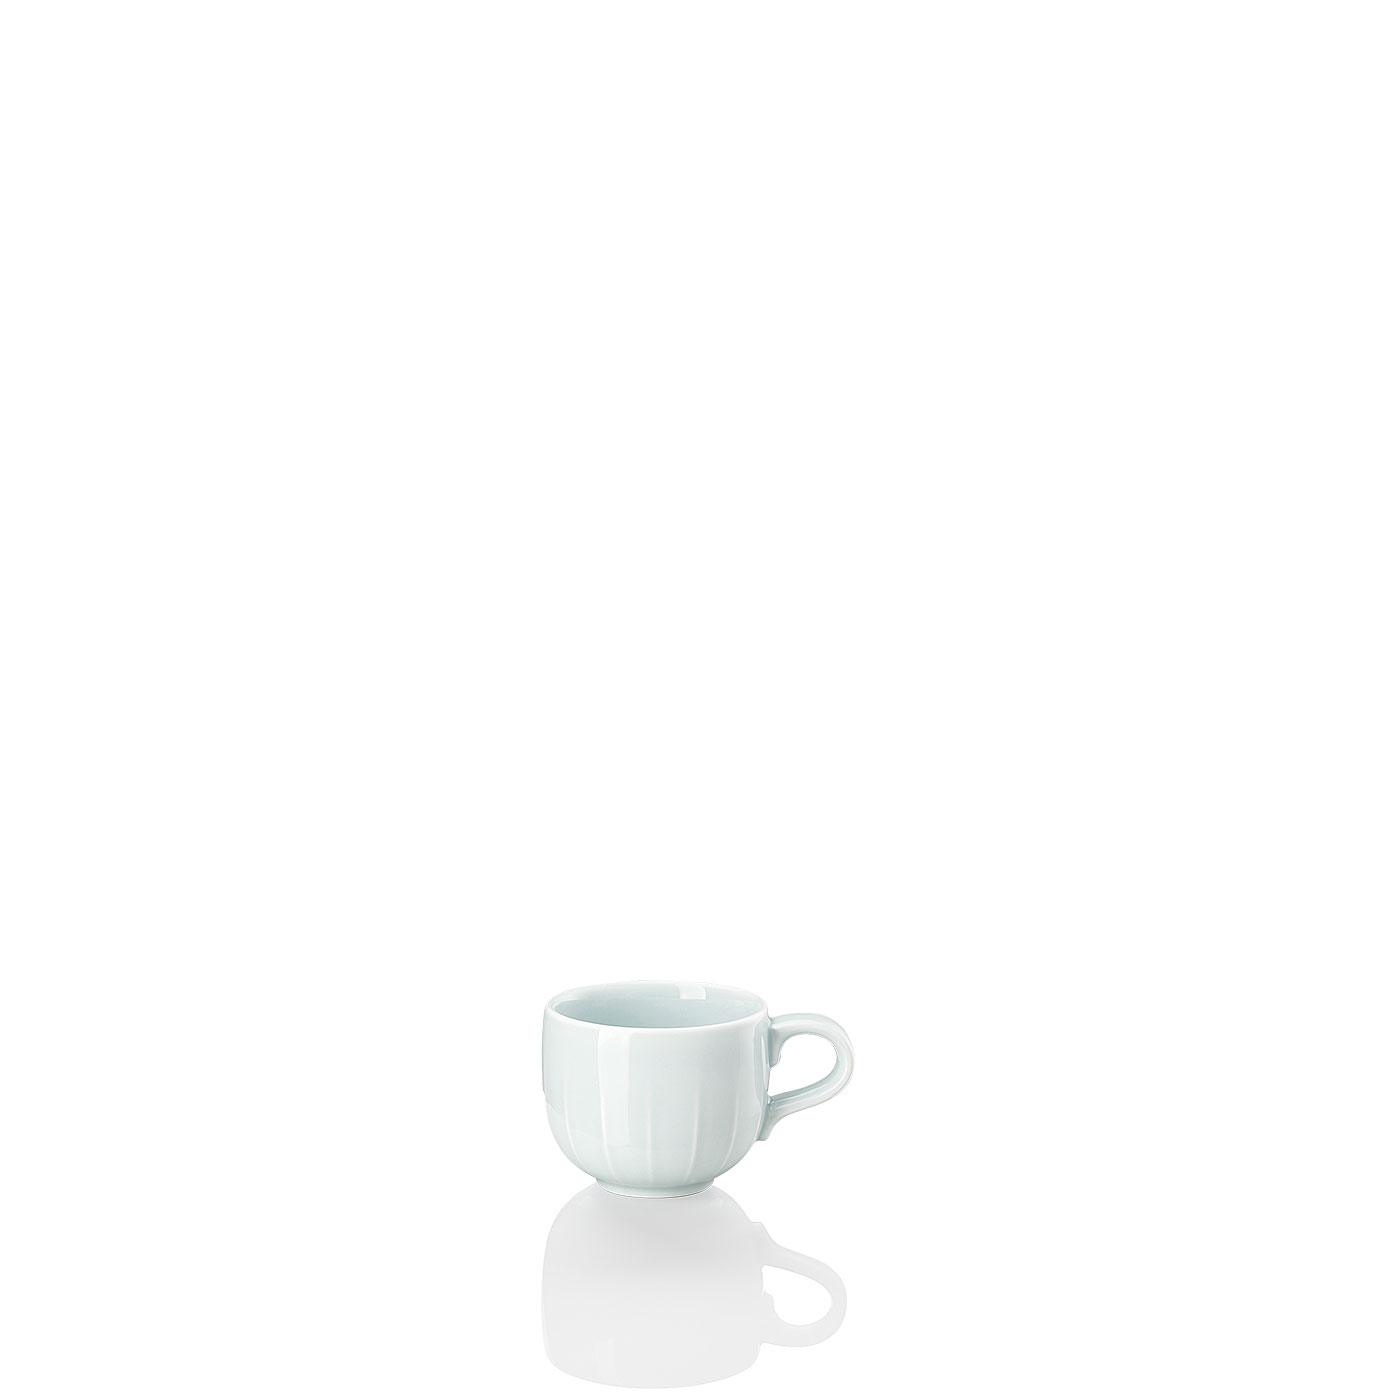 Espresso-Obertasse Joyn Mint Green Arzberg